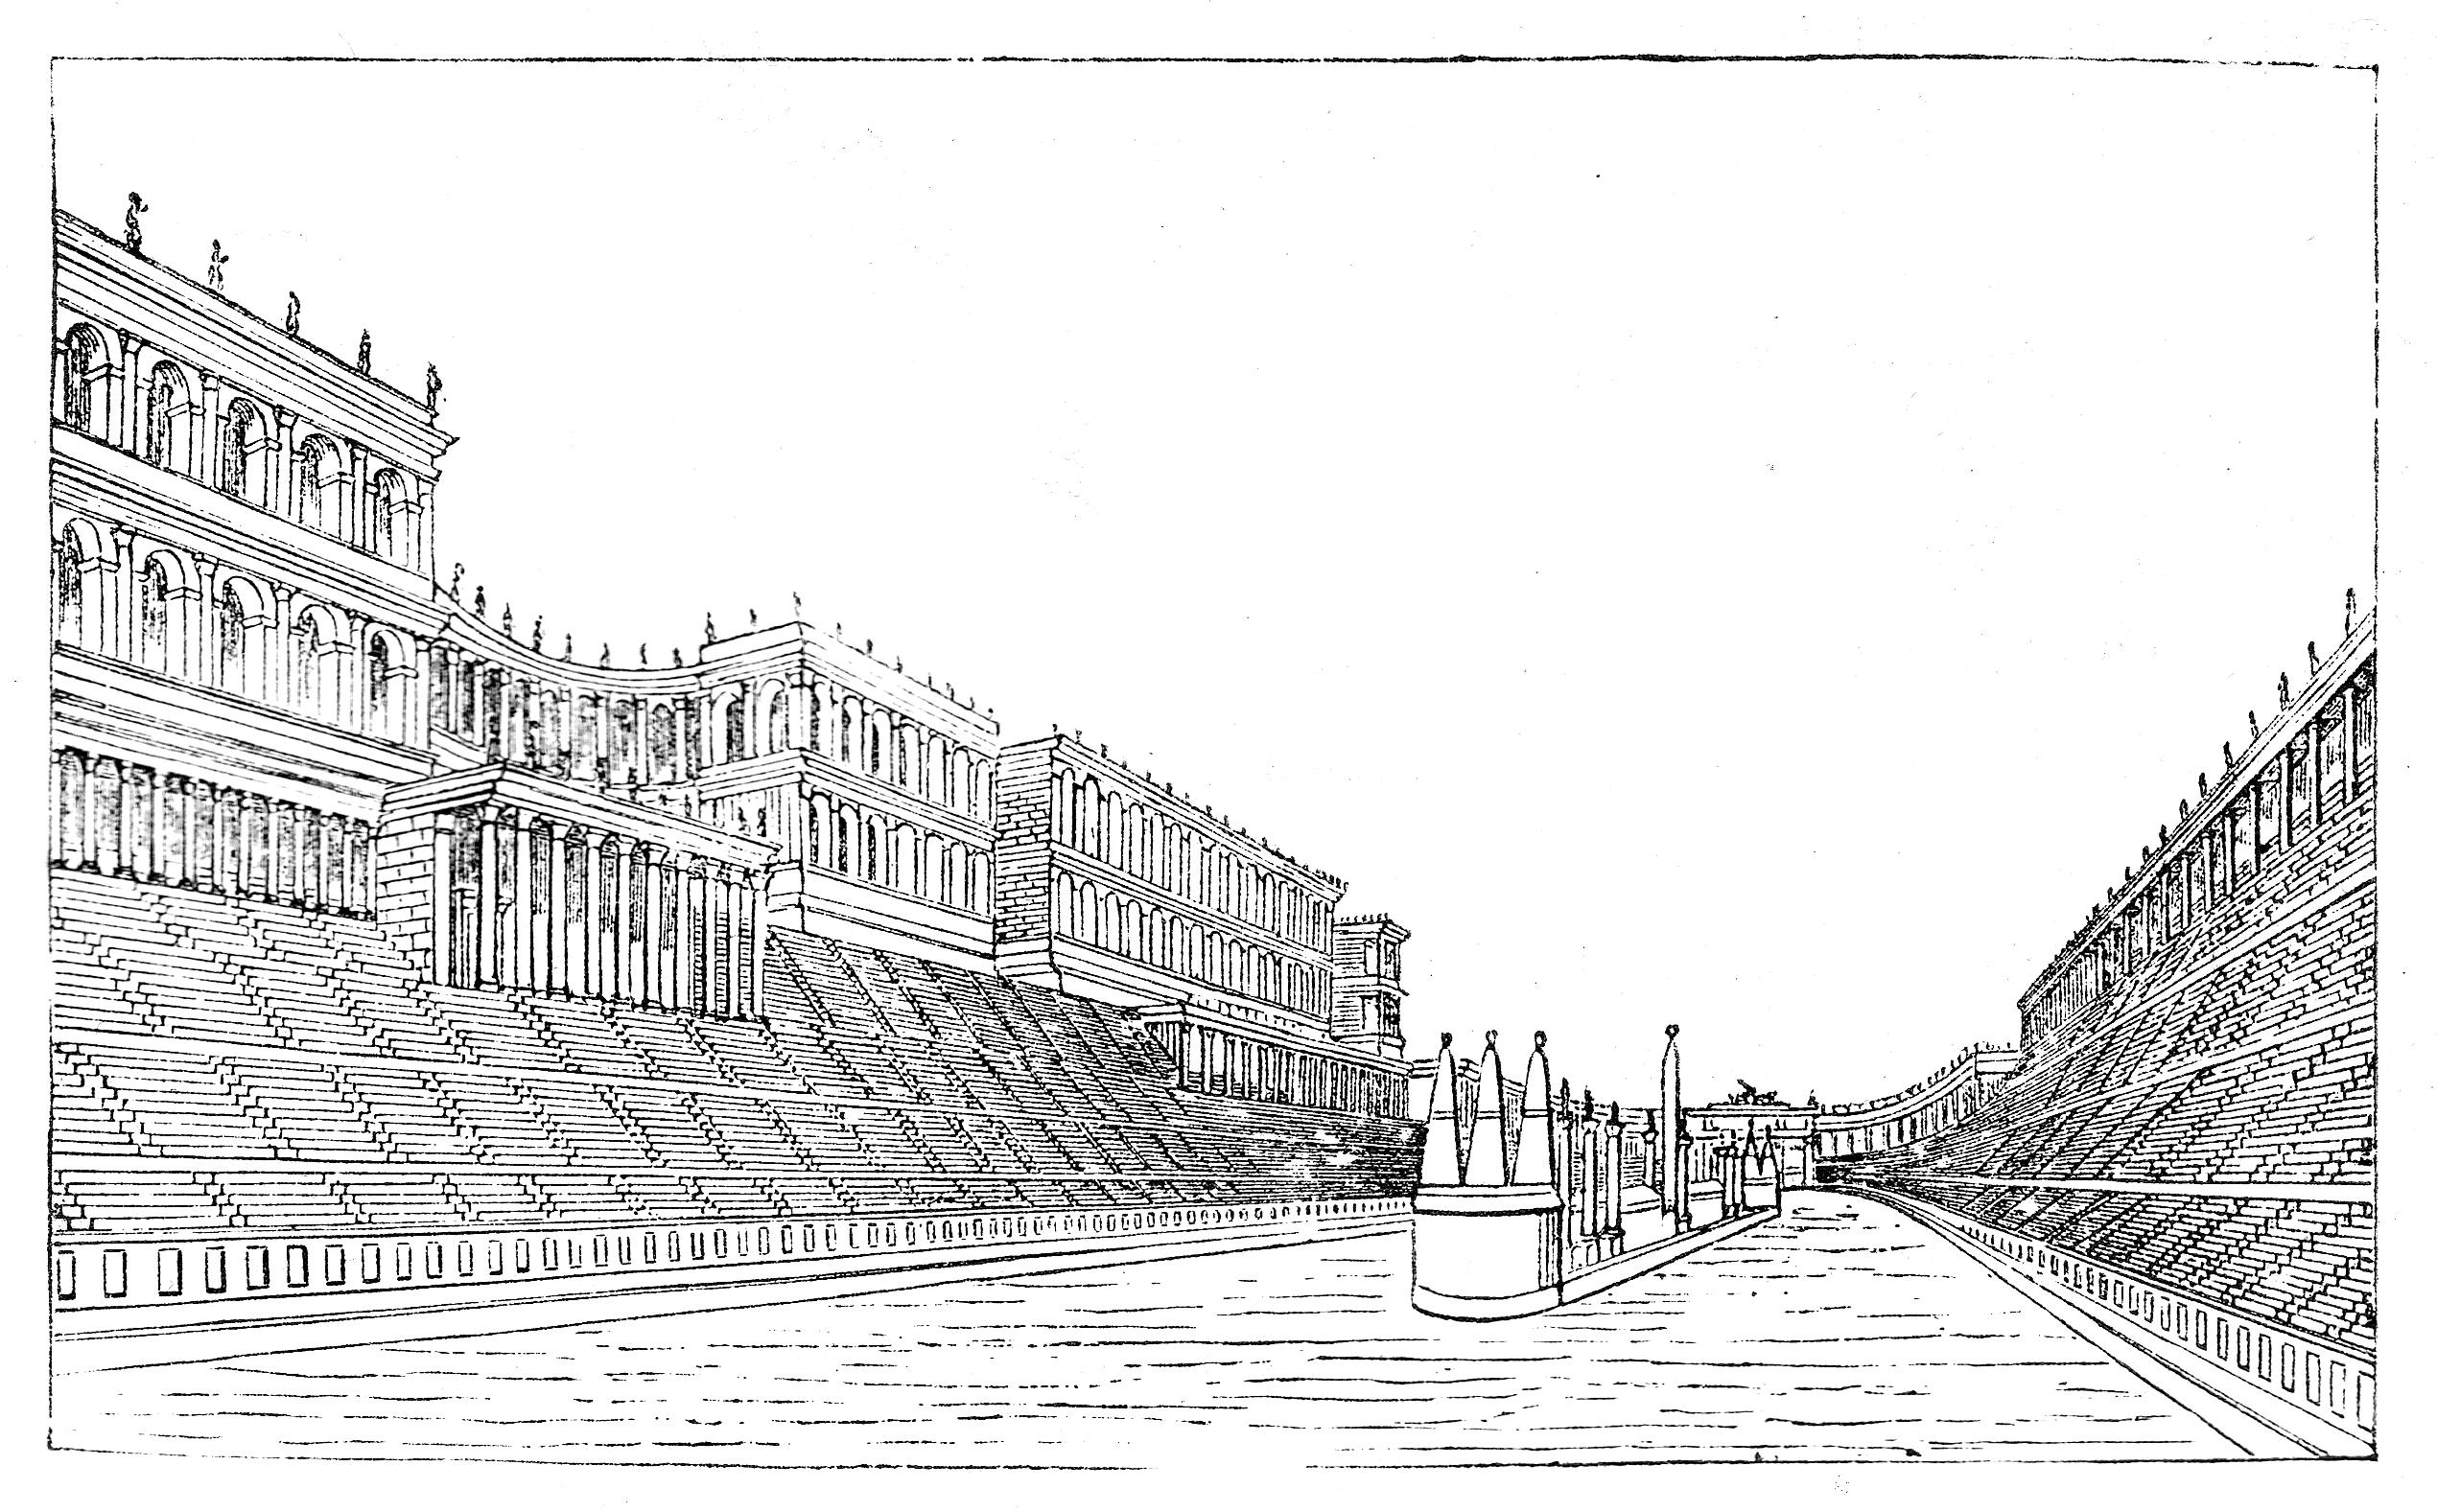 Illustration of the Circus Maximus